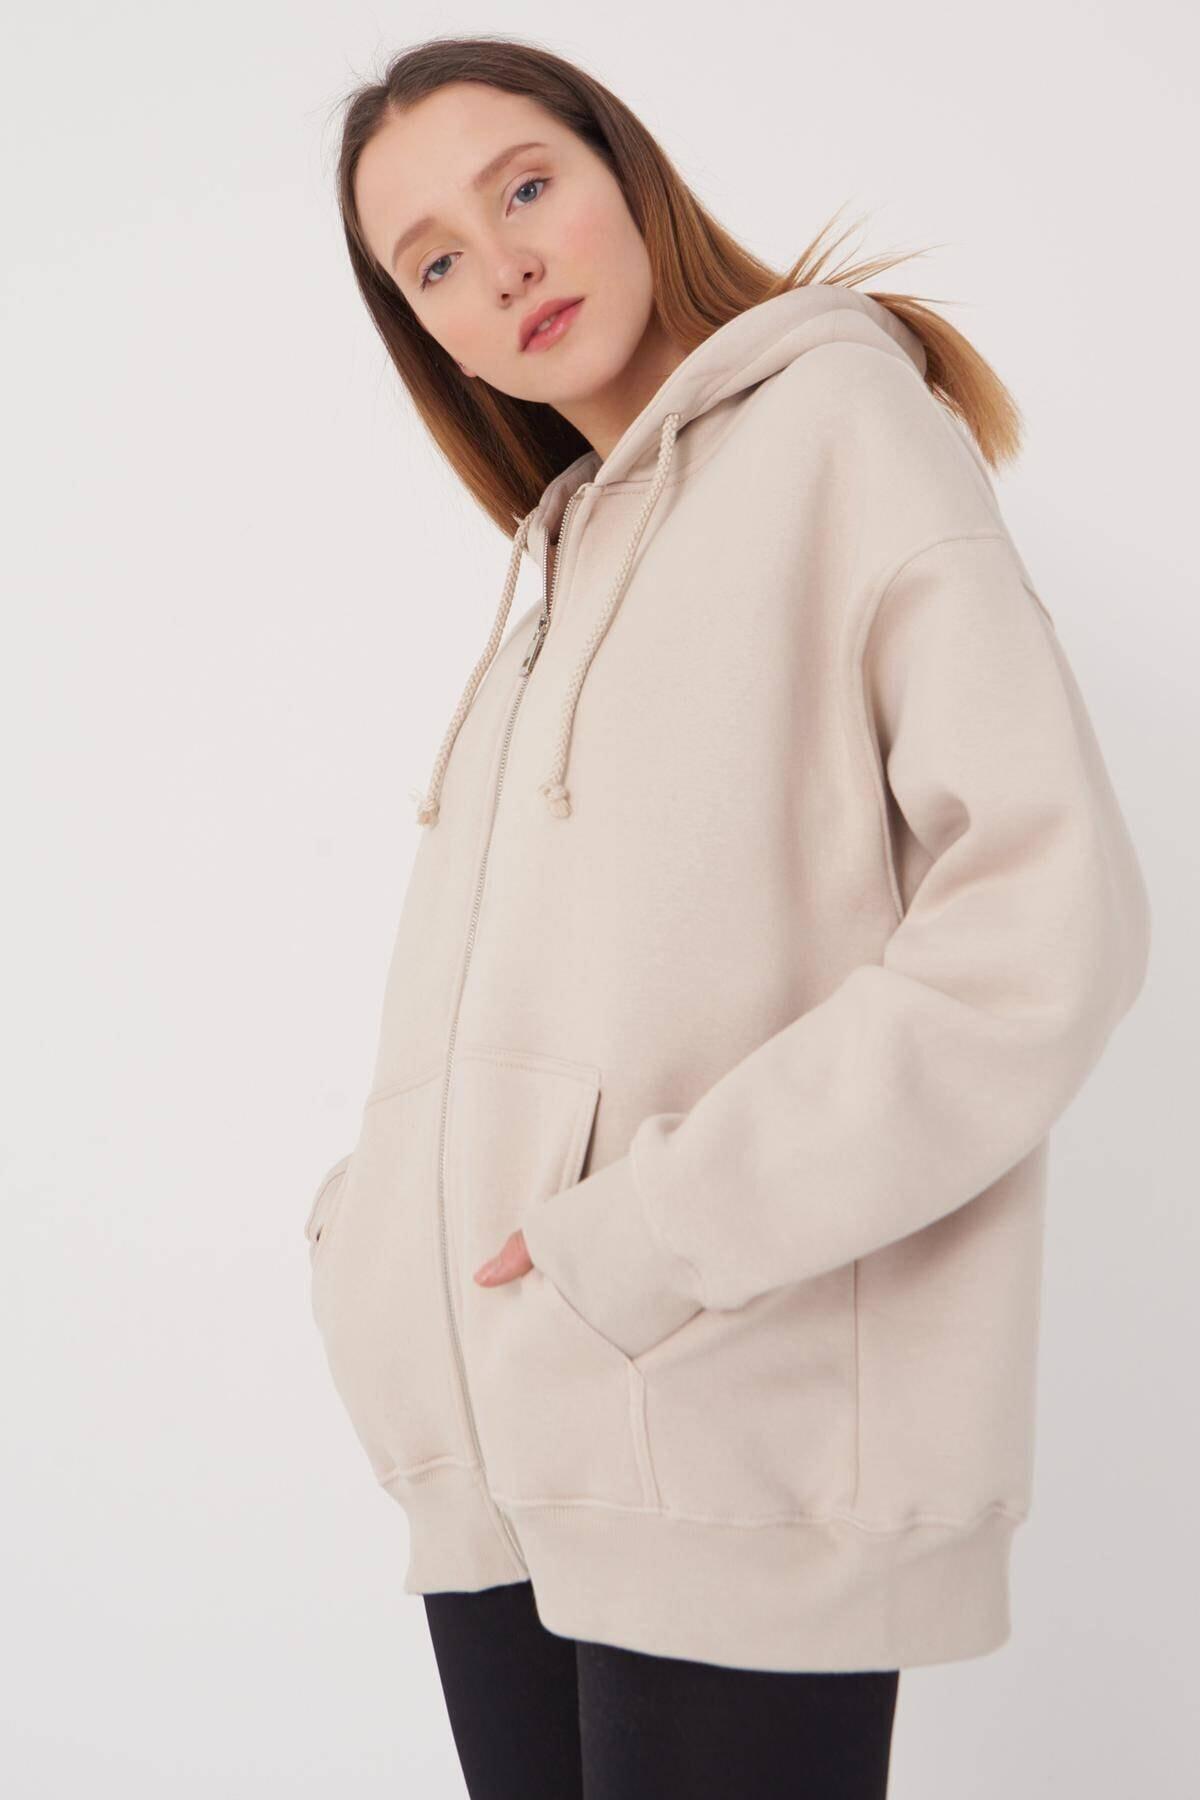 Kadın Taş Sweatshirt H9520 - K9 ADX-0000023663